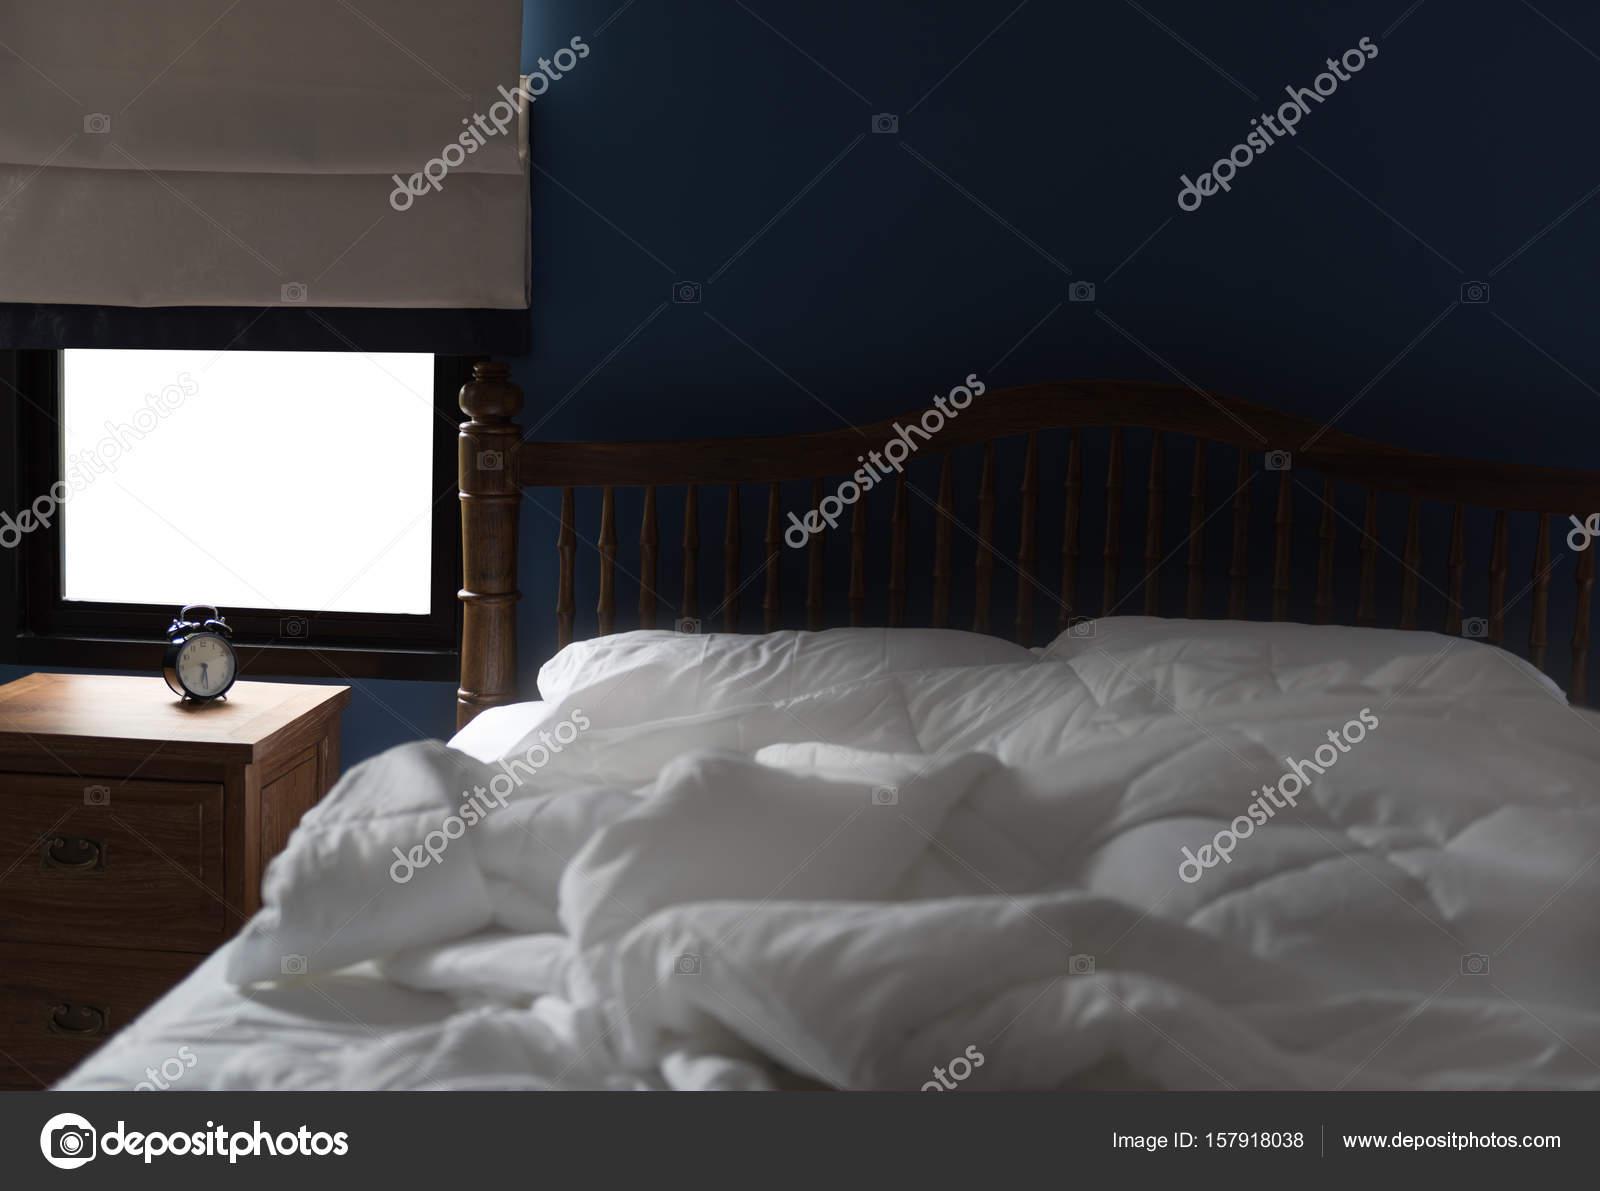 Moderne slaapkamer met grijs gordijn en wekker op houten kant